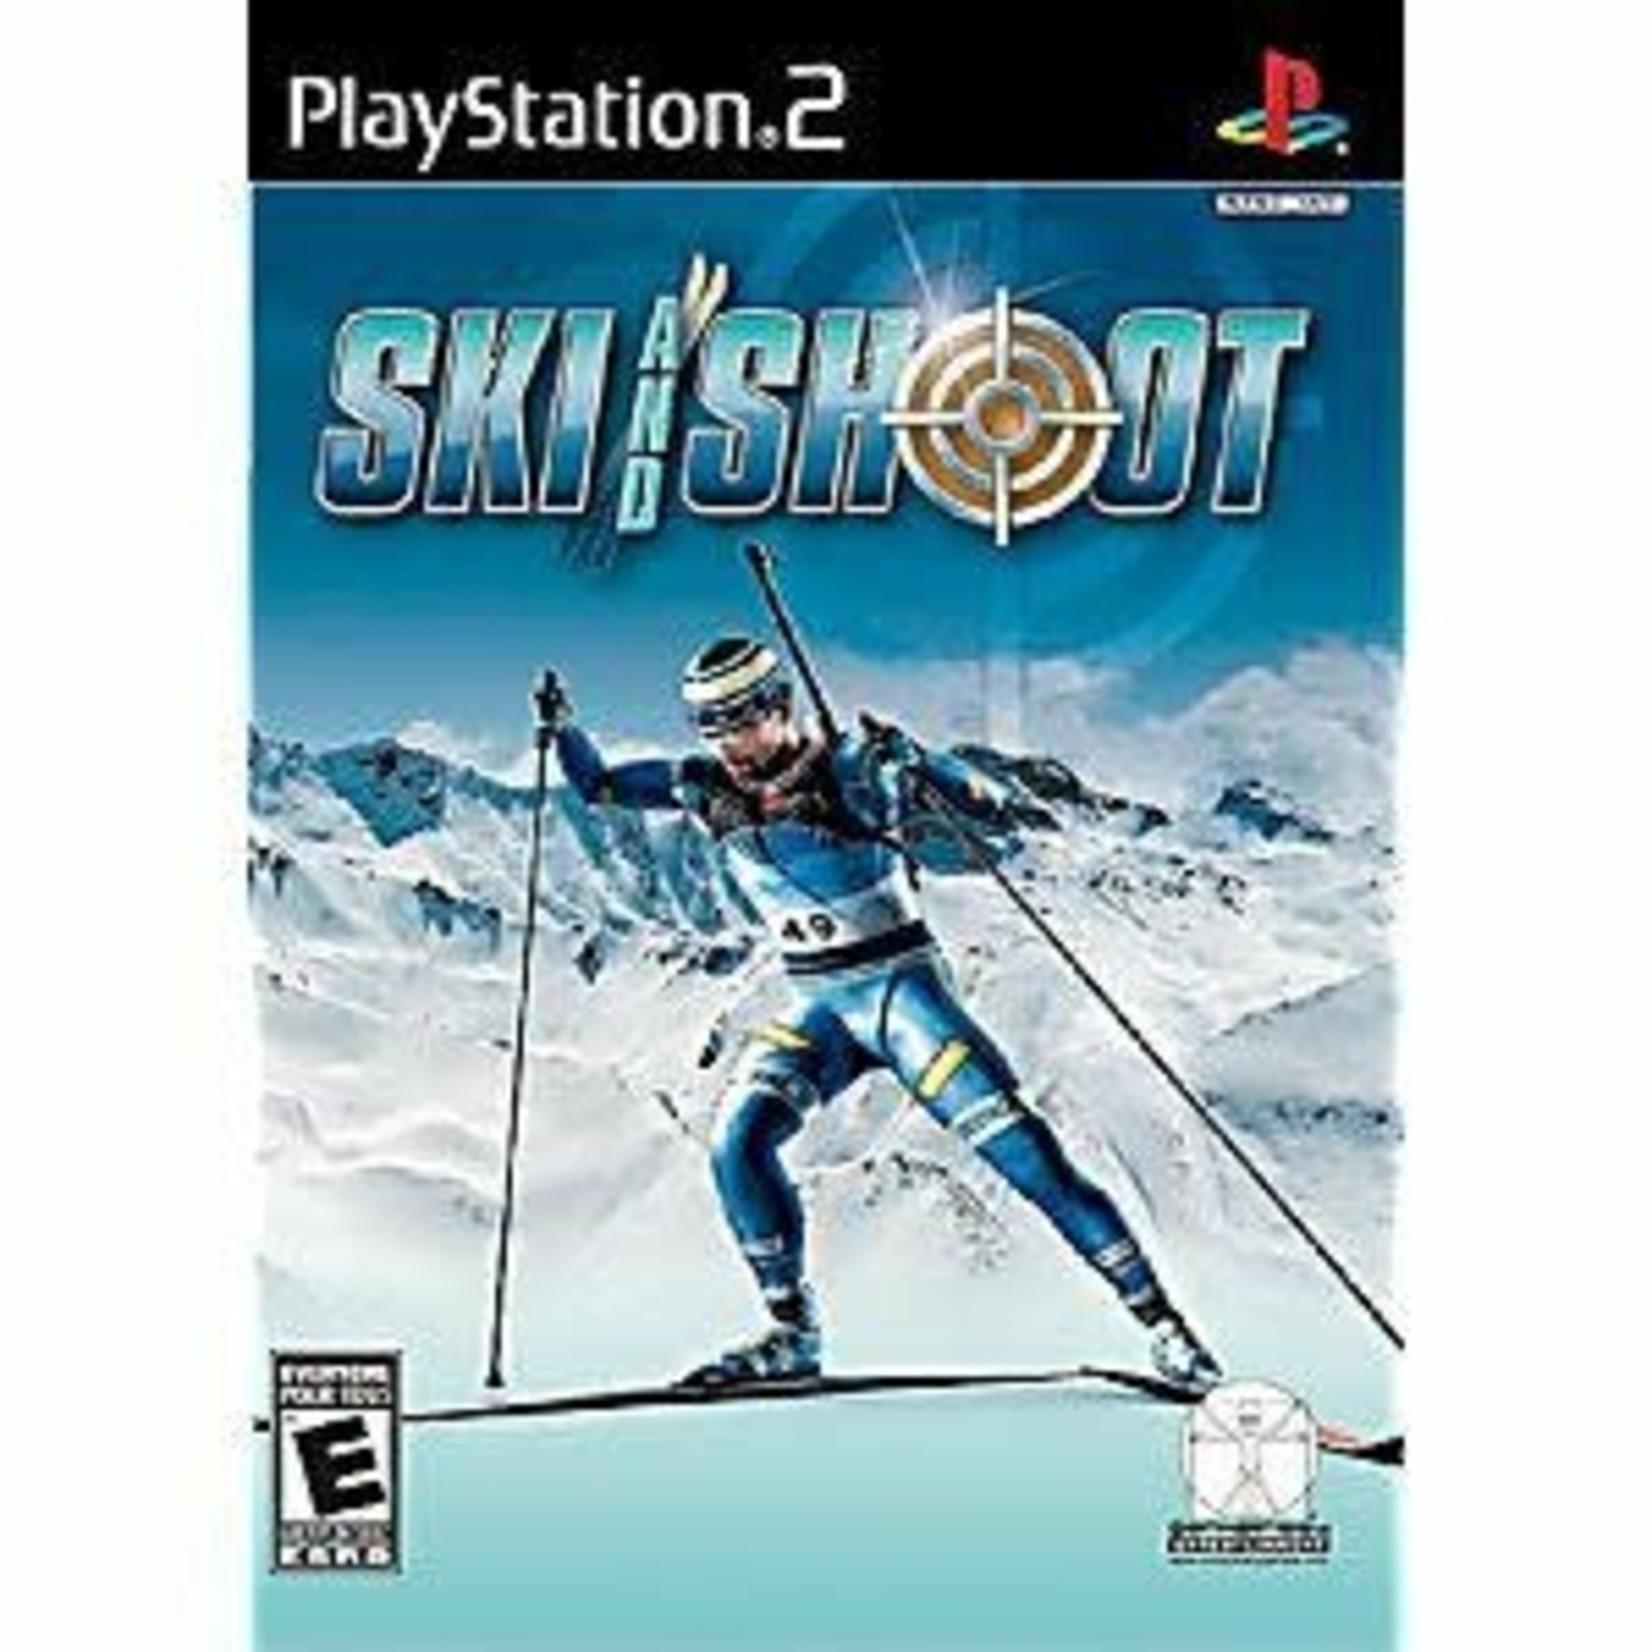 PS2U-SKI AND SHOOT